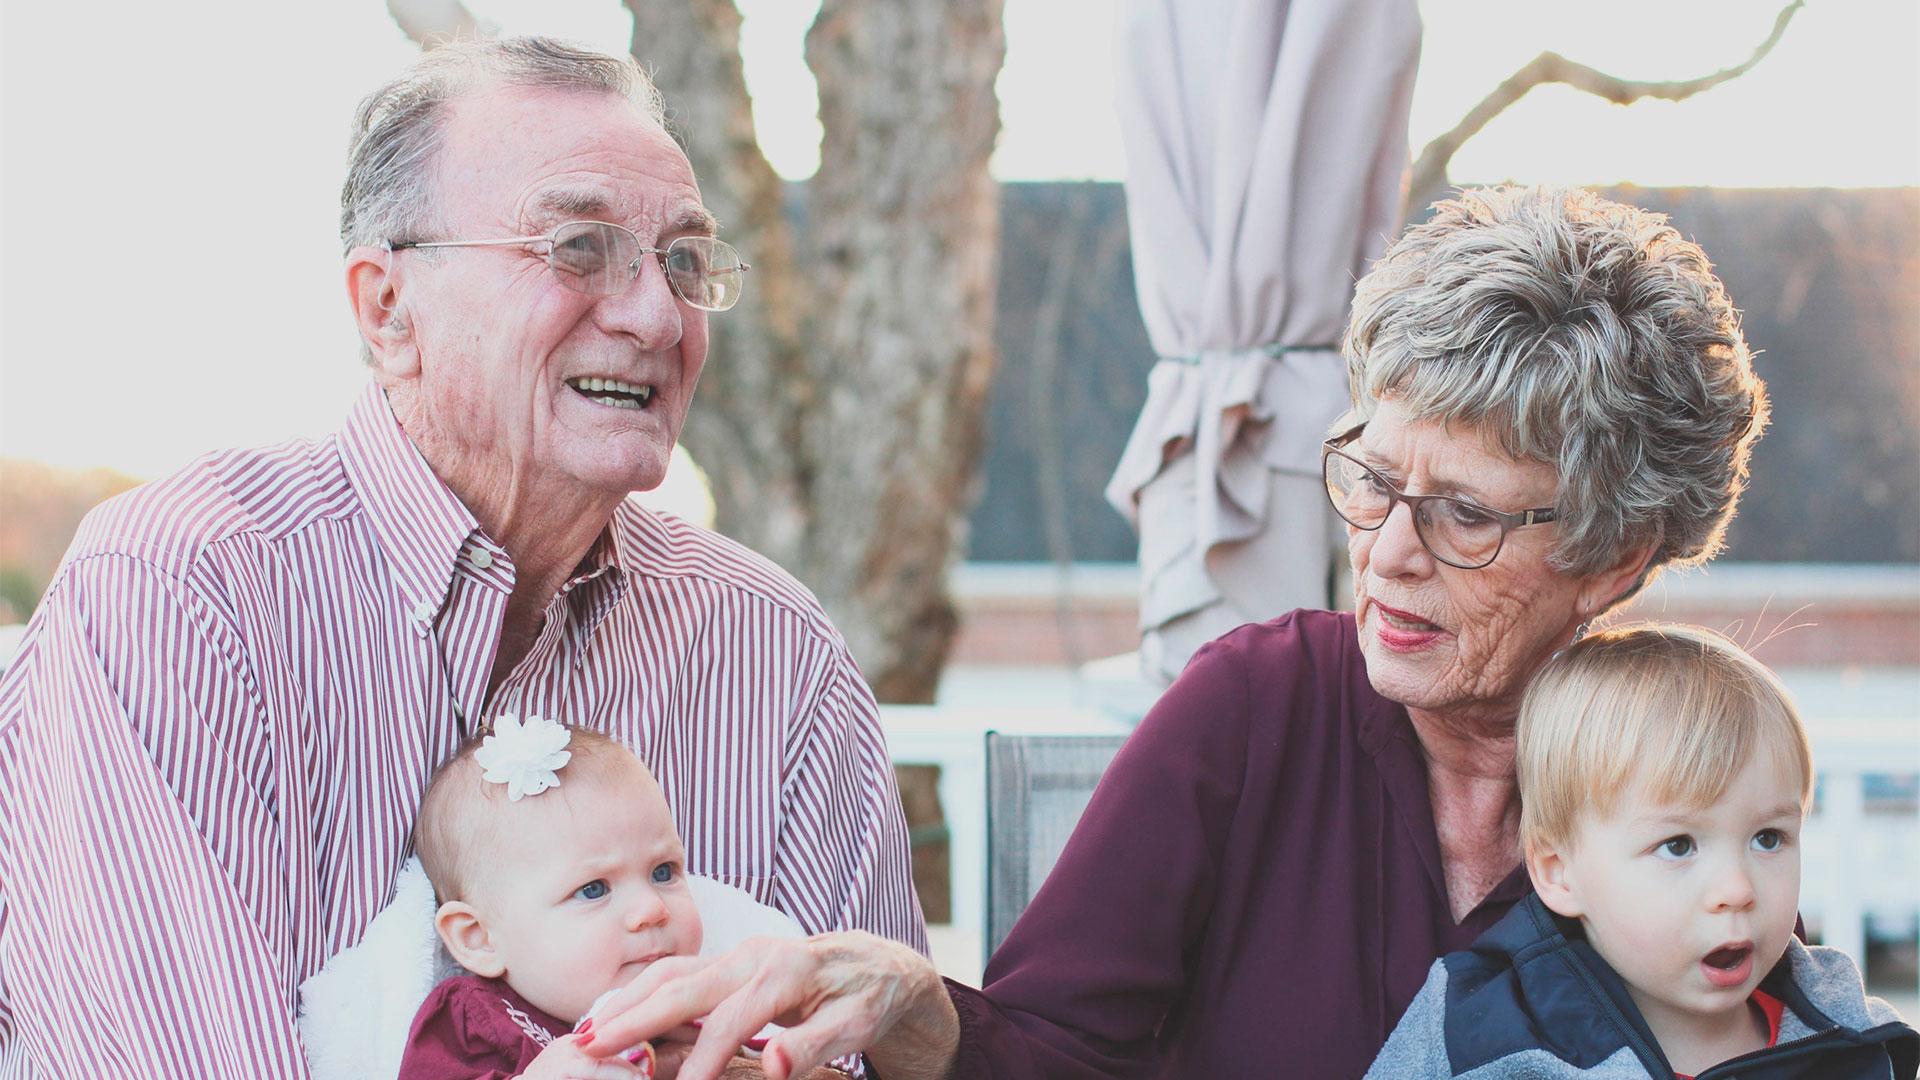 Familia de ancianos con bebés